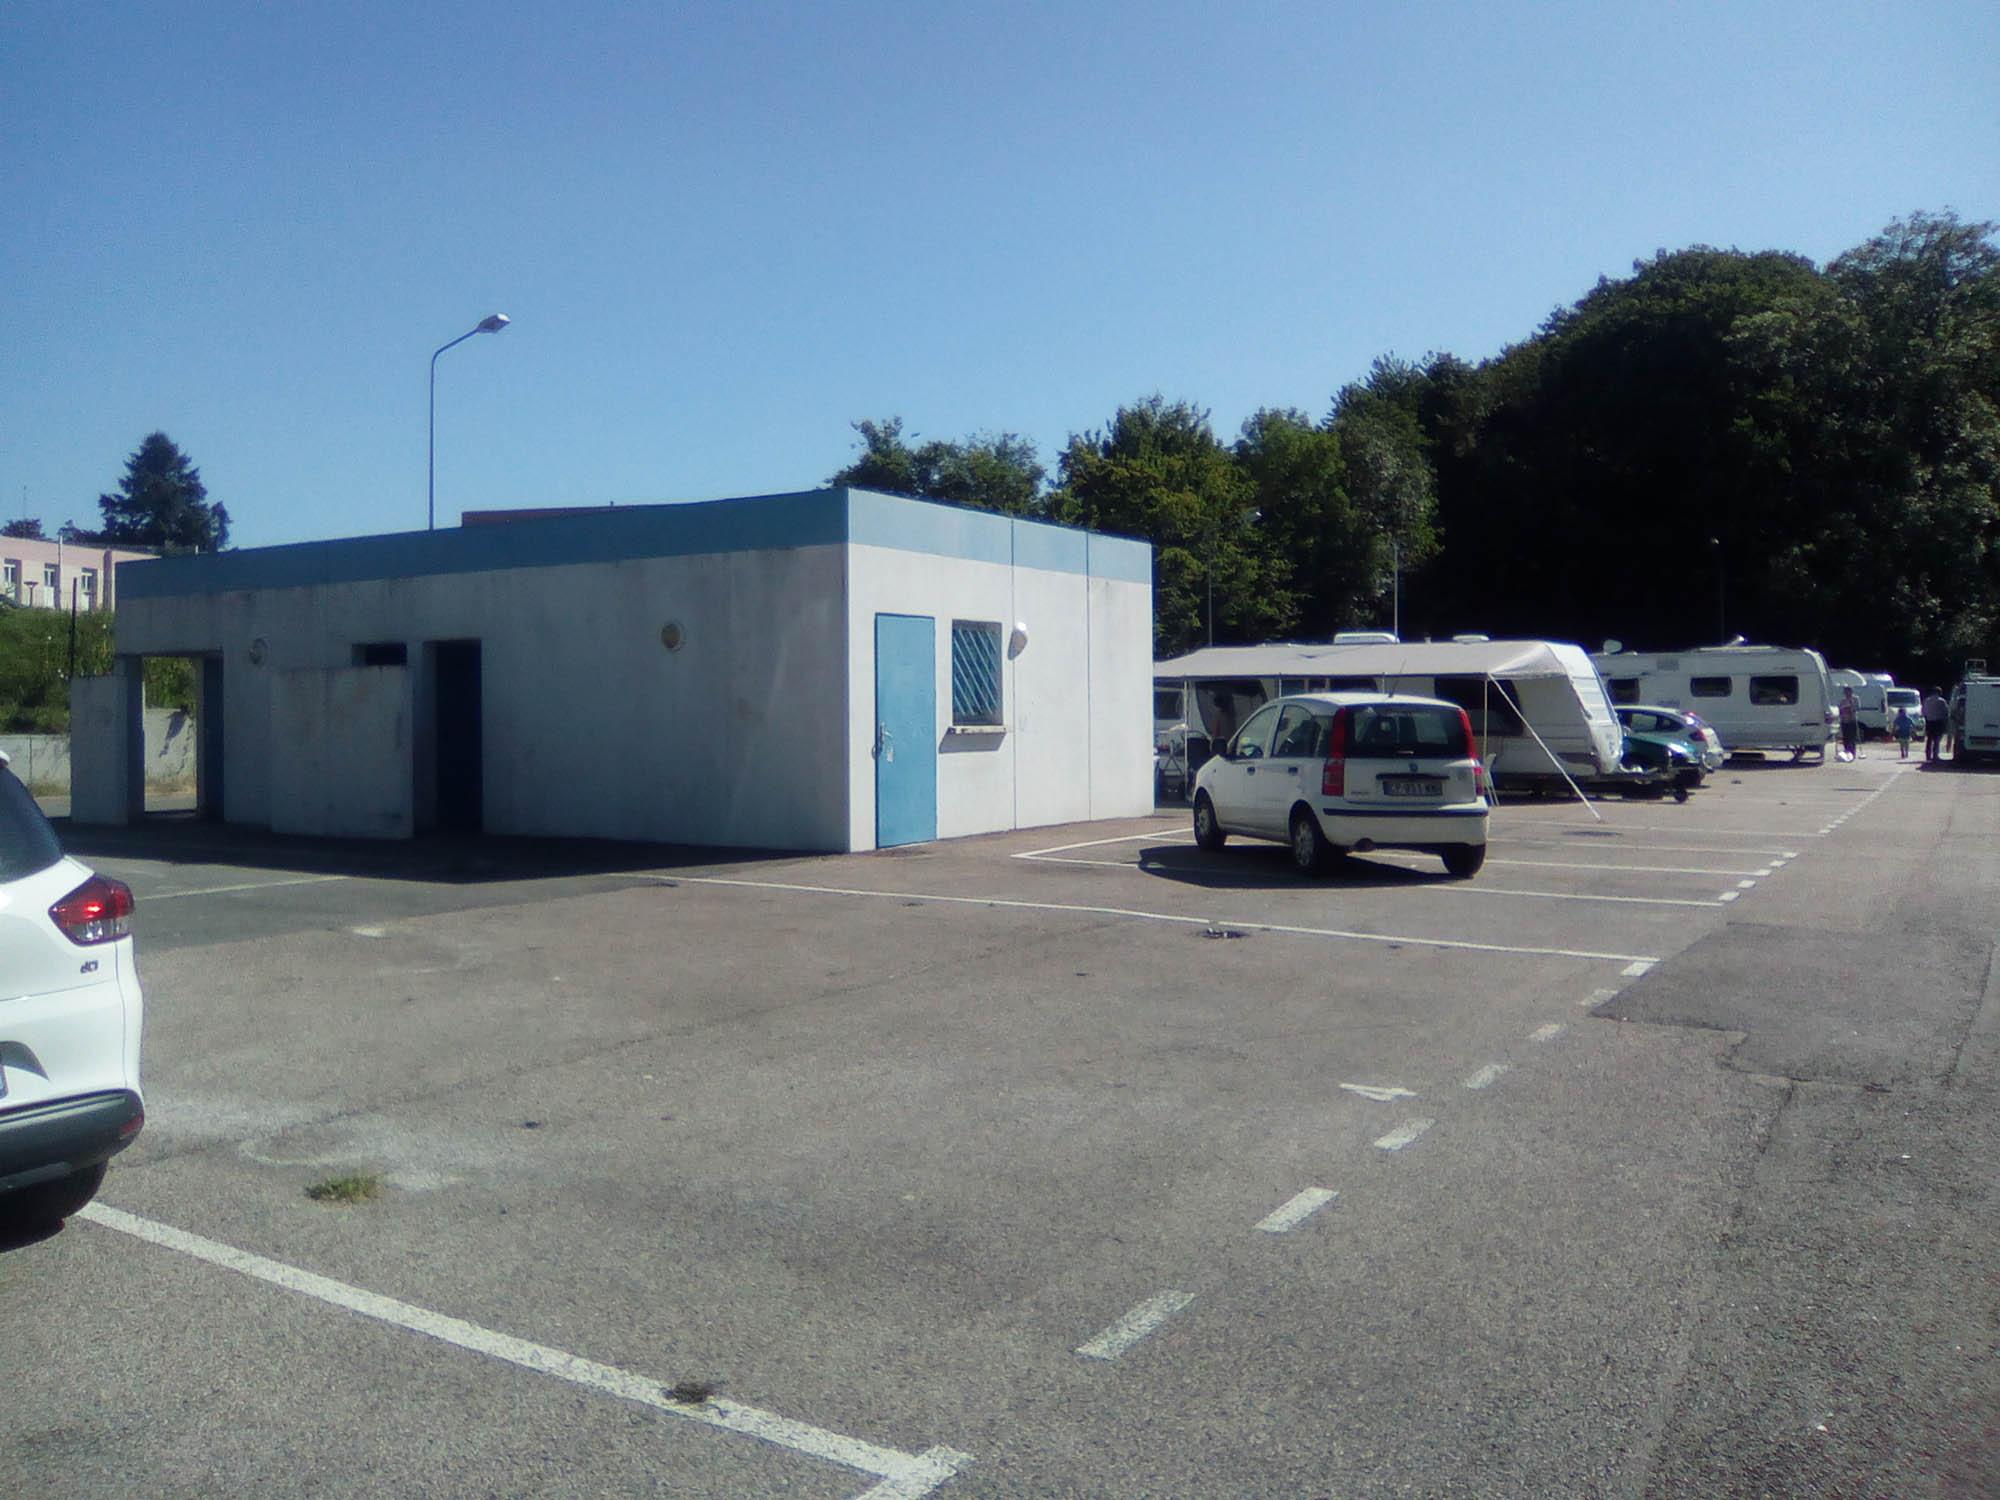 Photographie du local d'accueil de l'aire d'accueil du Grand Belfort